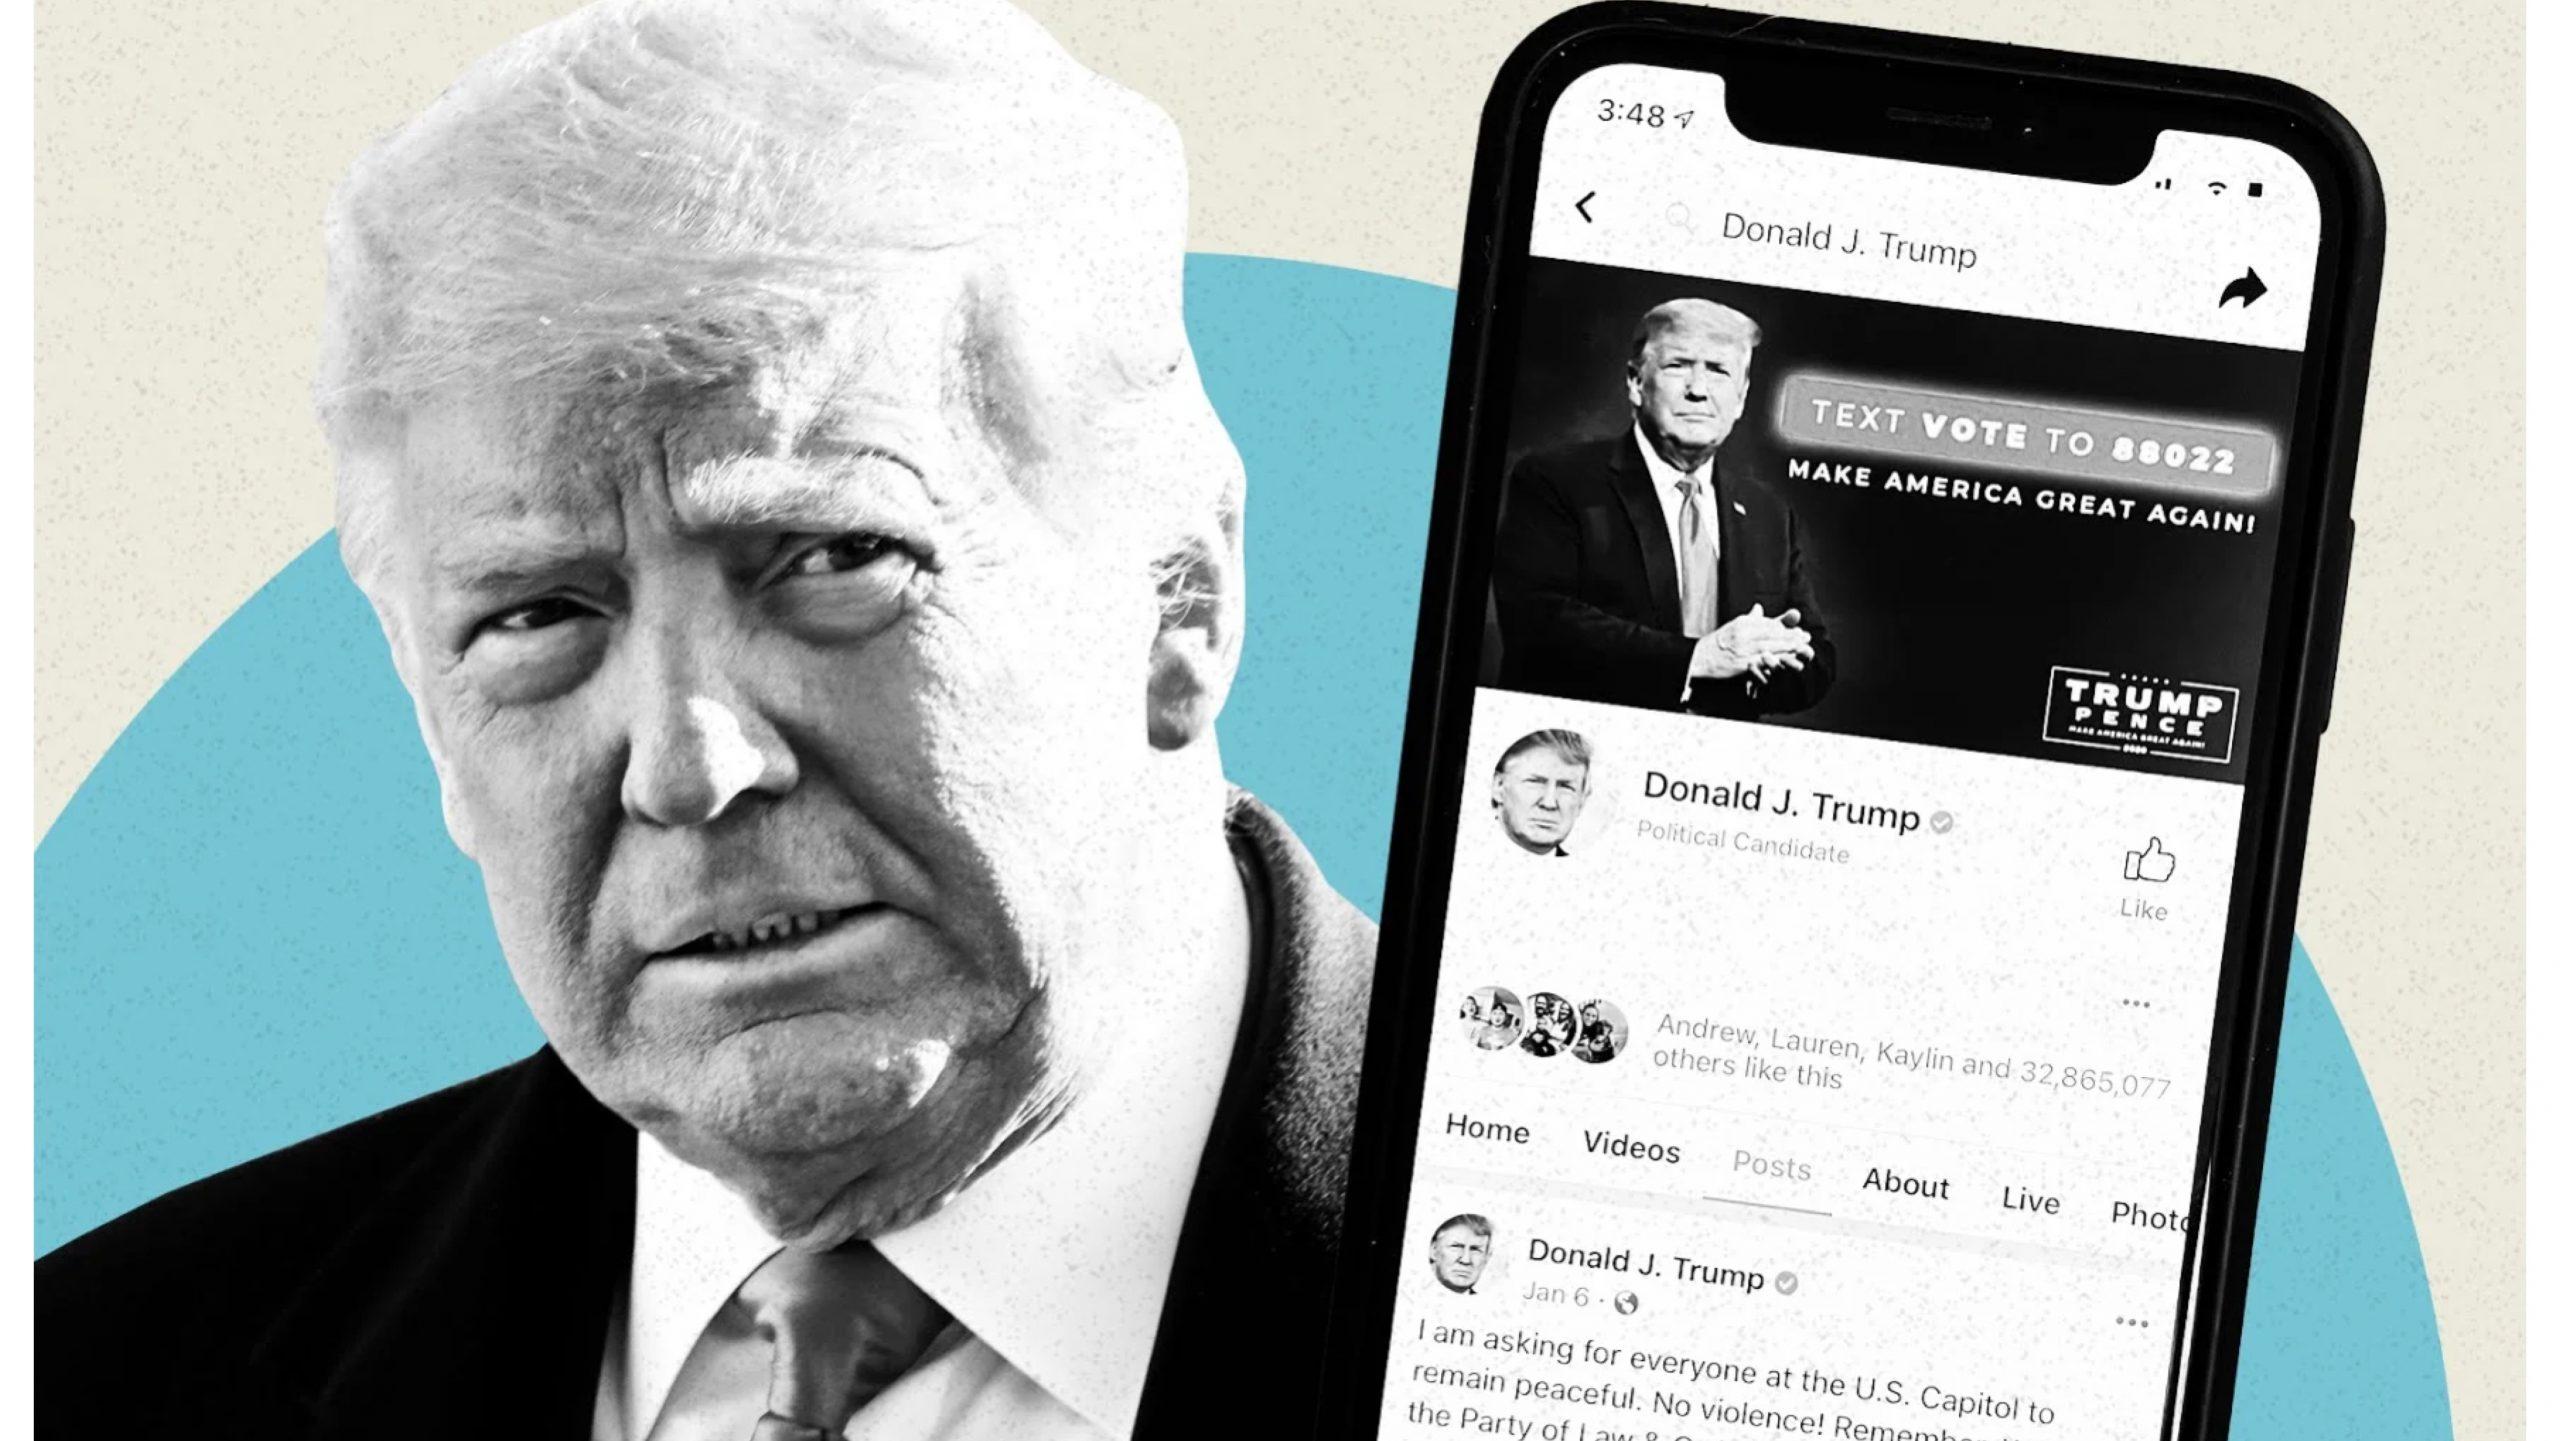 पुर्व राष्ट्रपति डोनाल्ड ट्रम्पको प्रतिबन्धीत फेसबुक अकाउन्टको फैसला बुधबार